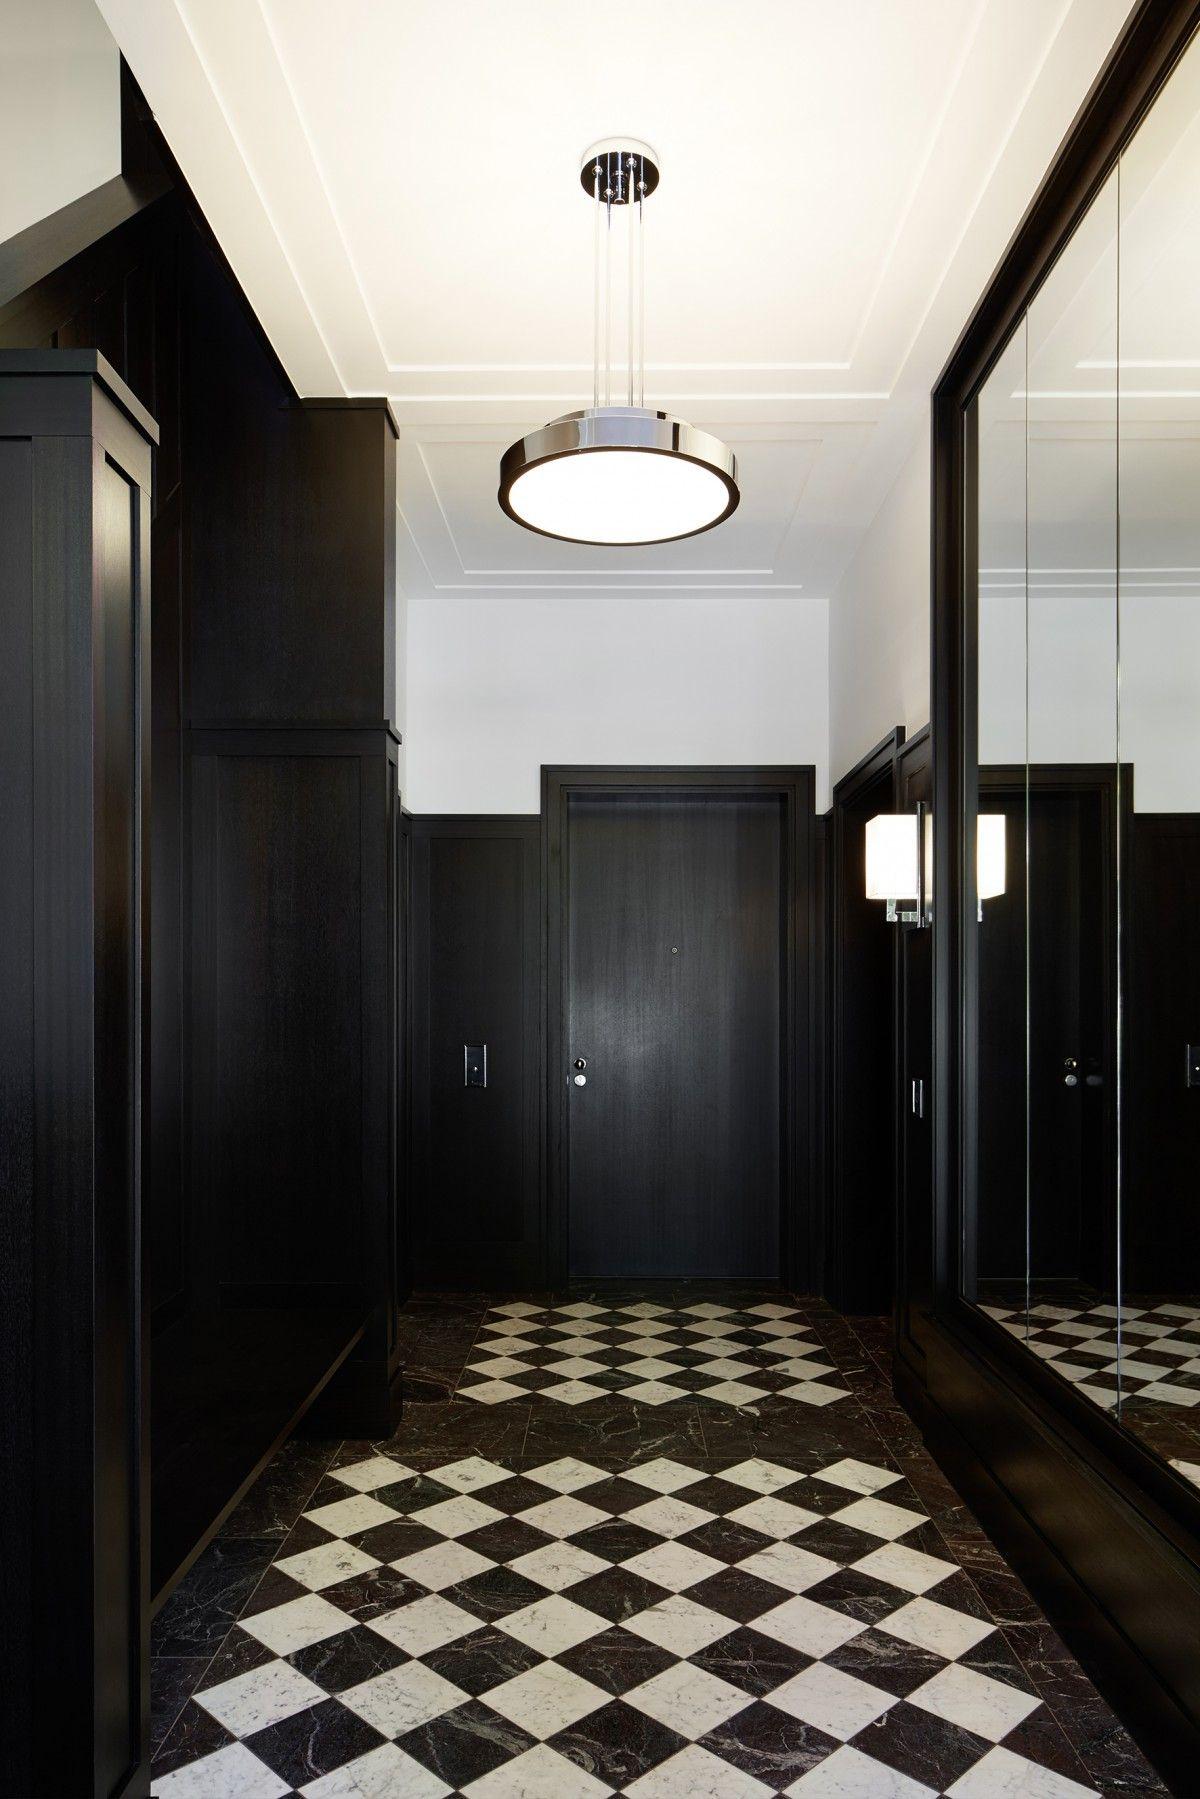 eingangshalle haus weyhe schwarz wei e marmor b den schm cken den flur die w nde sind mit. Black Bedroom Furniture Sets. Home Design Ideas